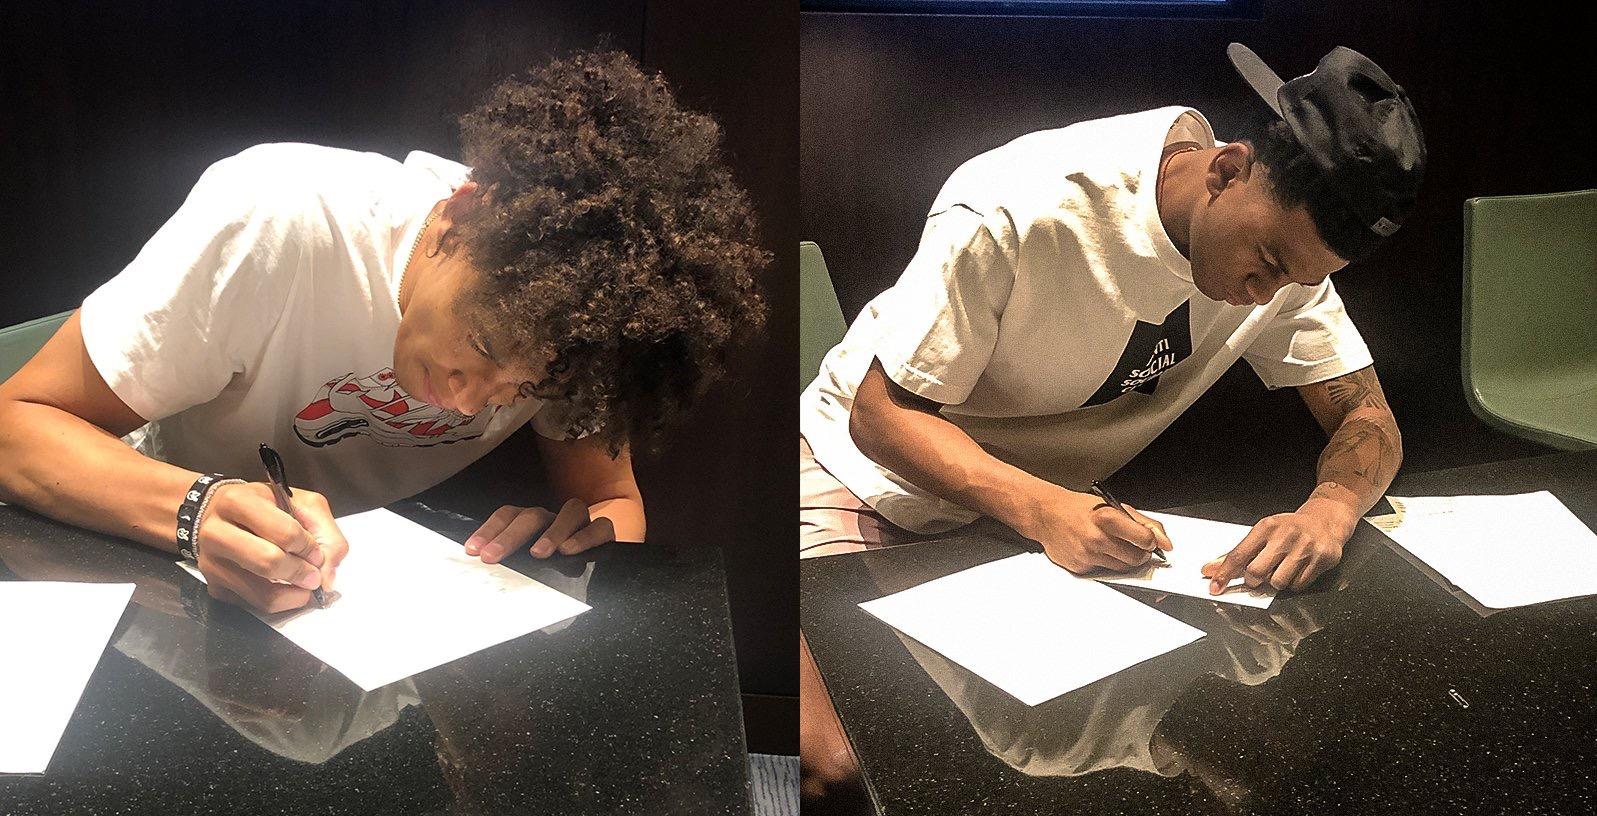 [虎]官方:鹈鹕正式签约新秀海斯和沃克